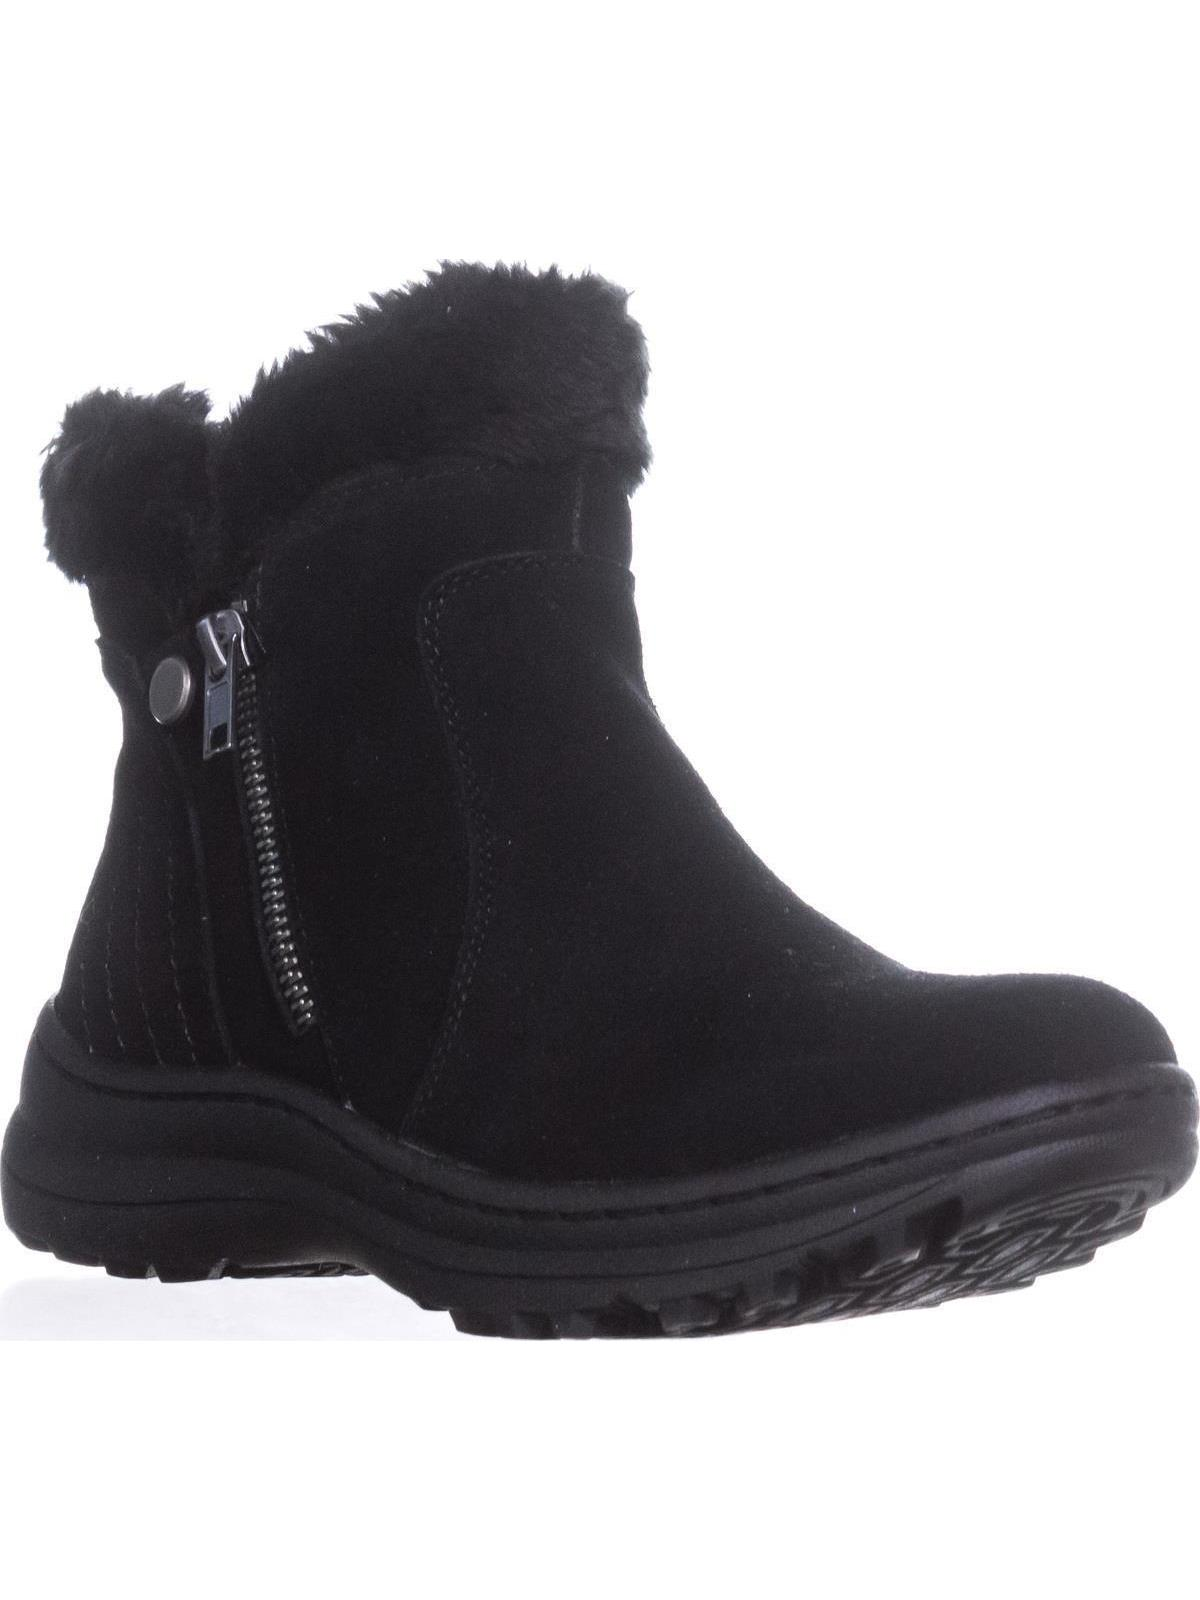 Womens BareTraps Addye Snow Boots, Black by BareTraps